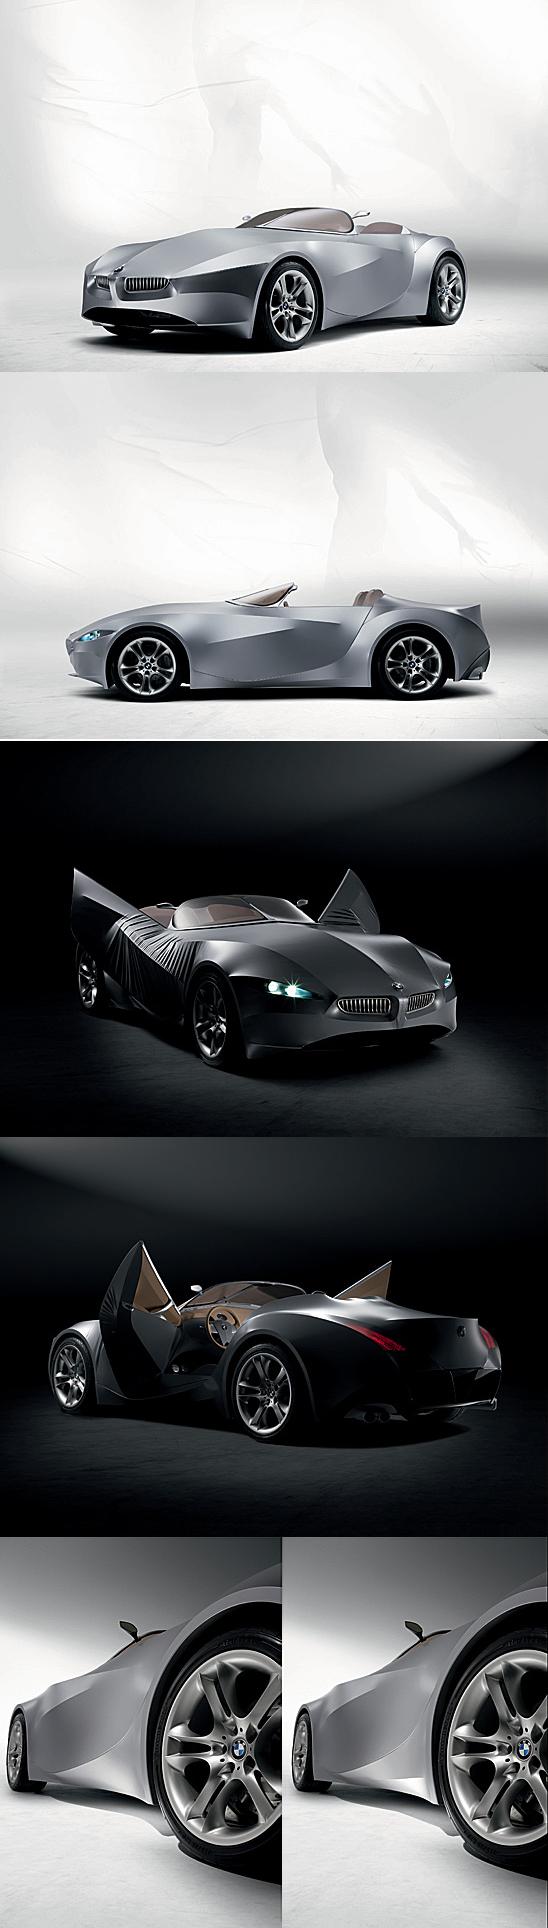 BMW Gina - Light Visionary Model